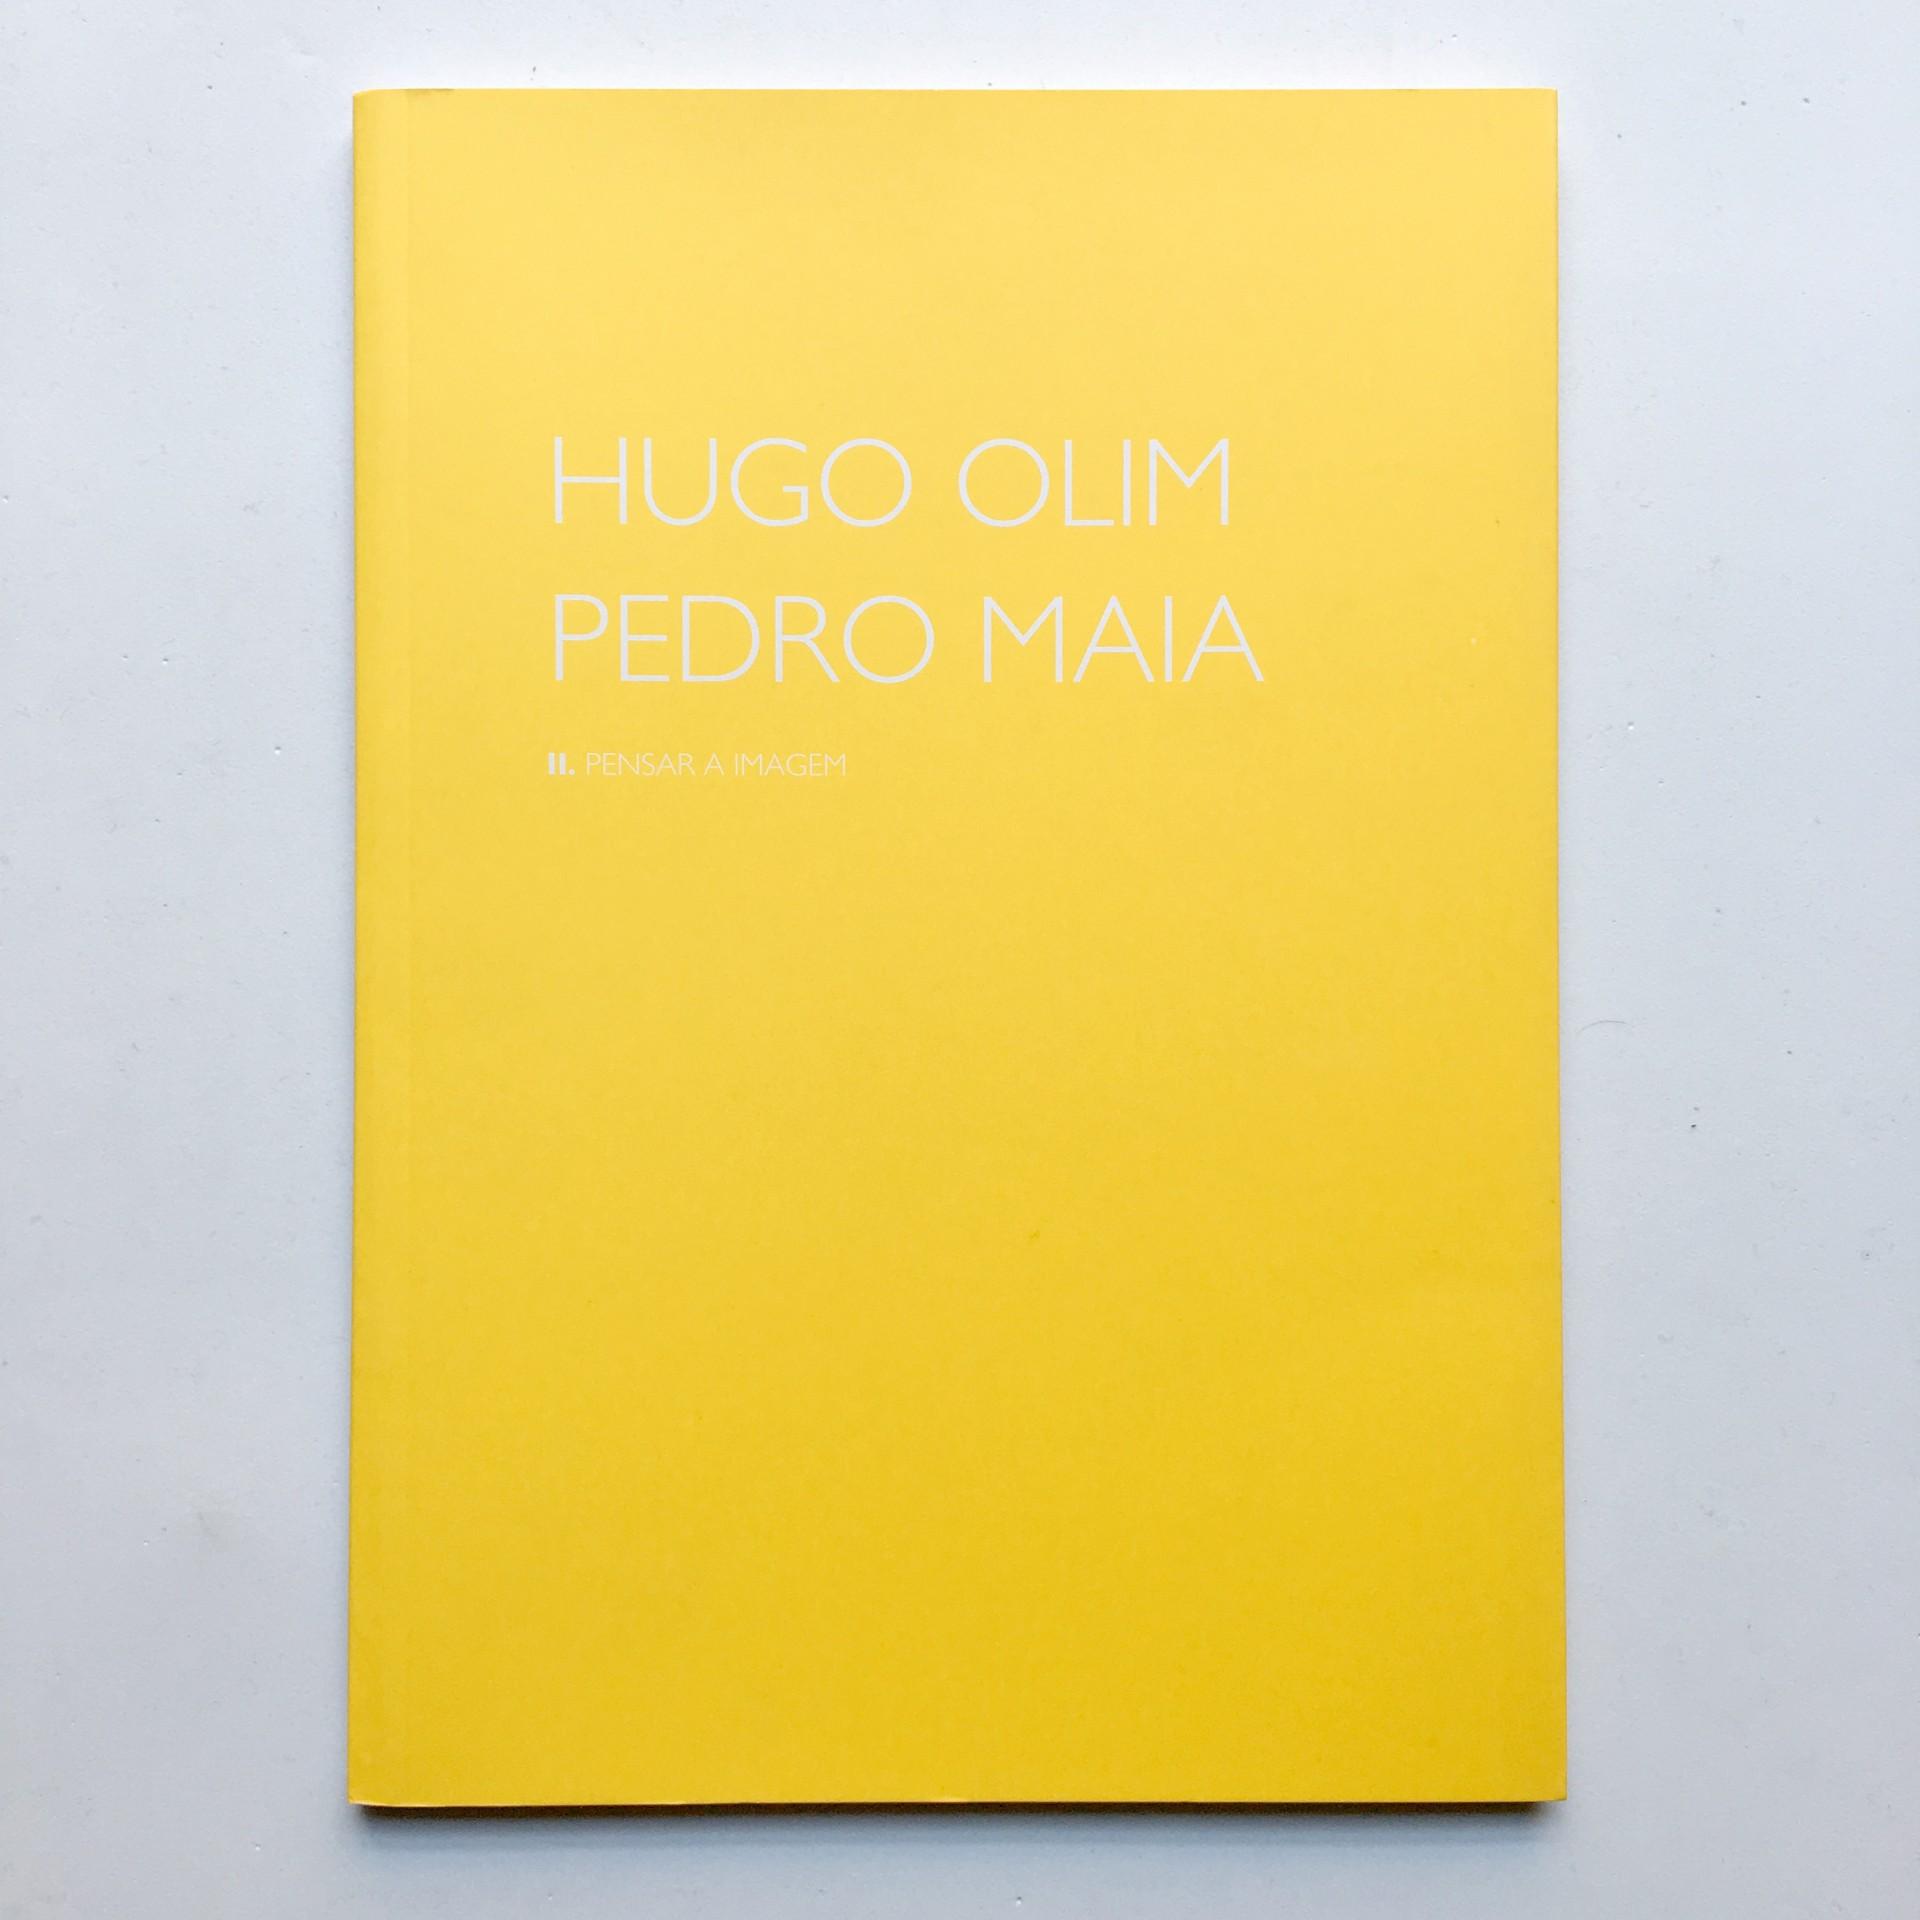 Pensar a Imagem II: Hugo Olim e Pedro Maia